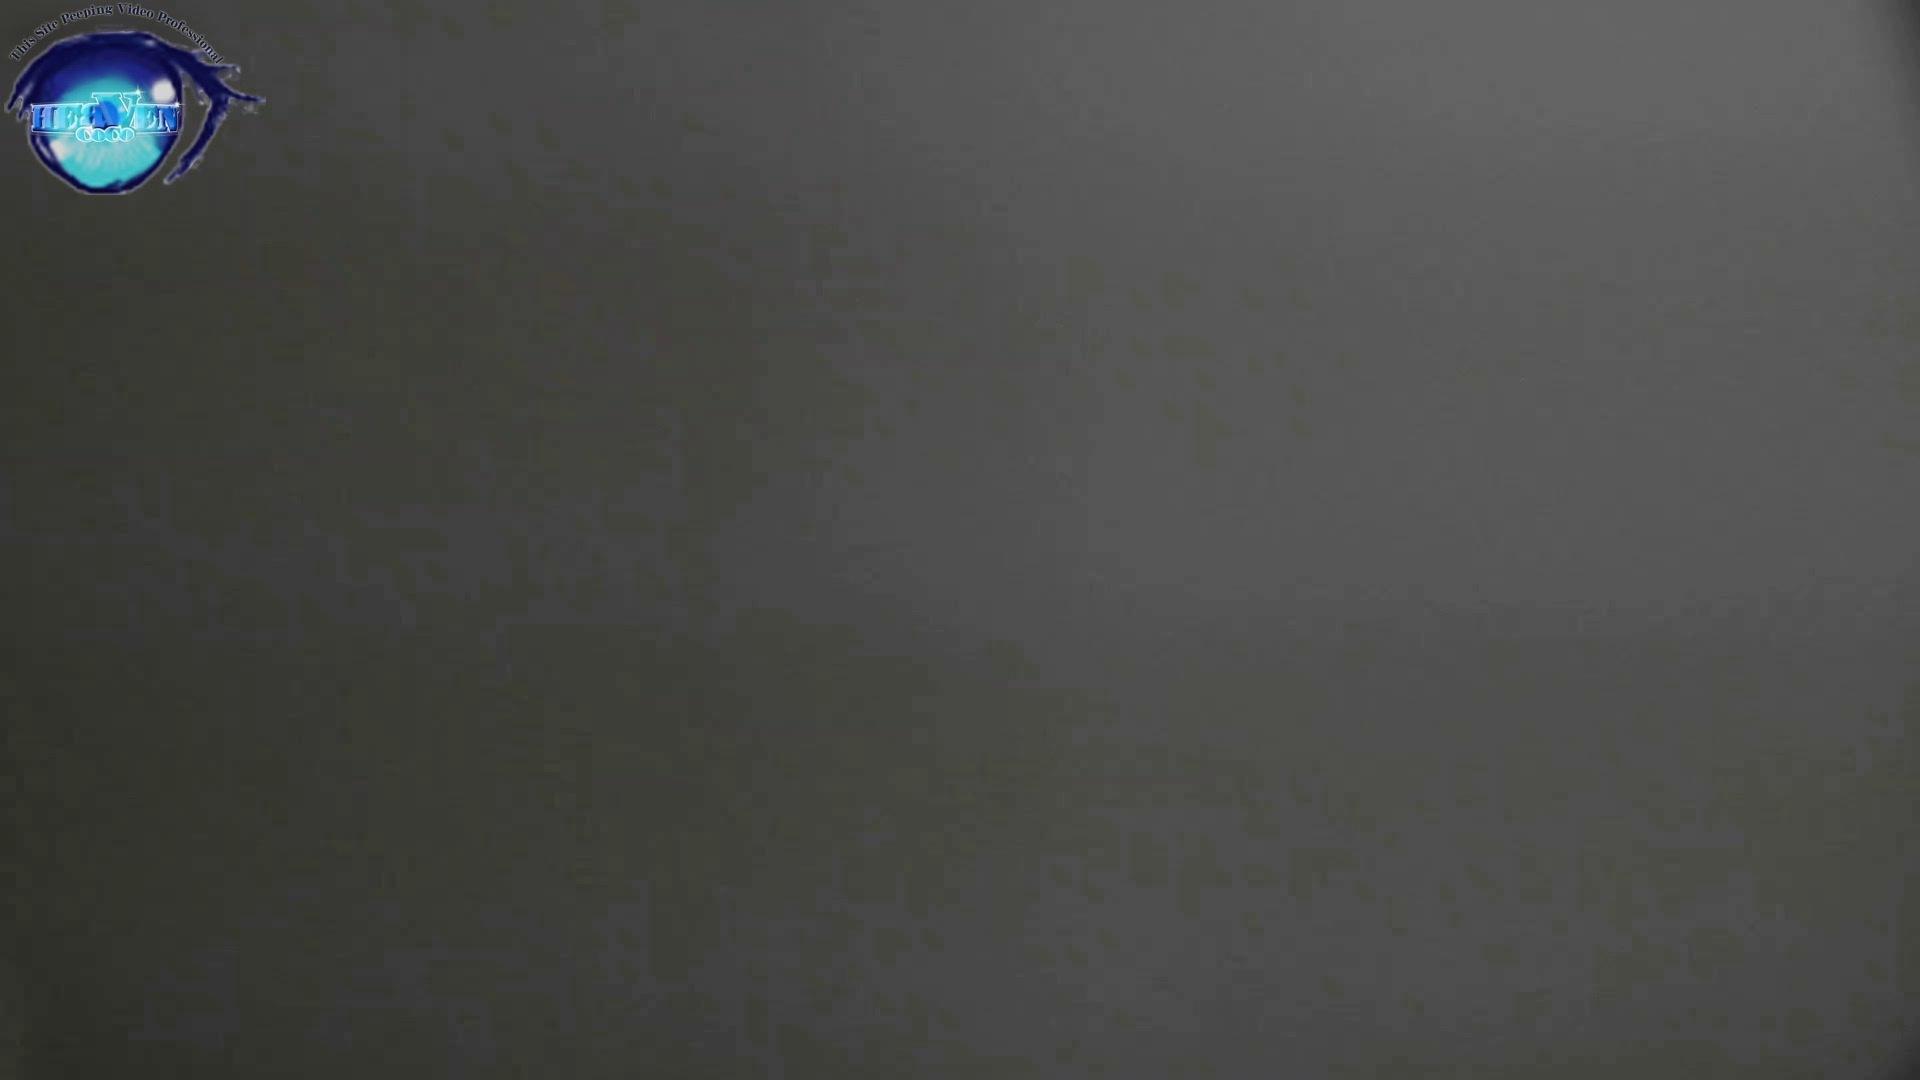 お銀さん vol.59 ピンチ!!「鏡の前で祈る女性」にばれる危機 前編 美人   OL女体  108連発 67